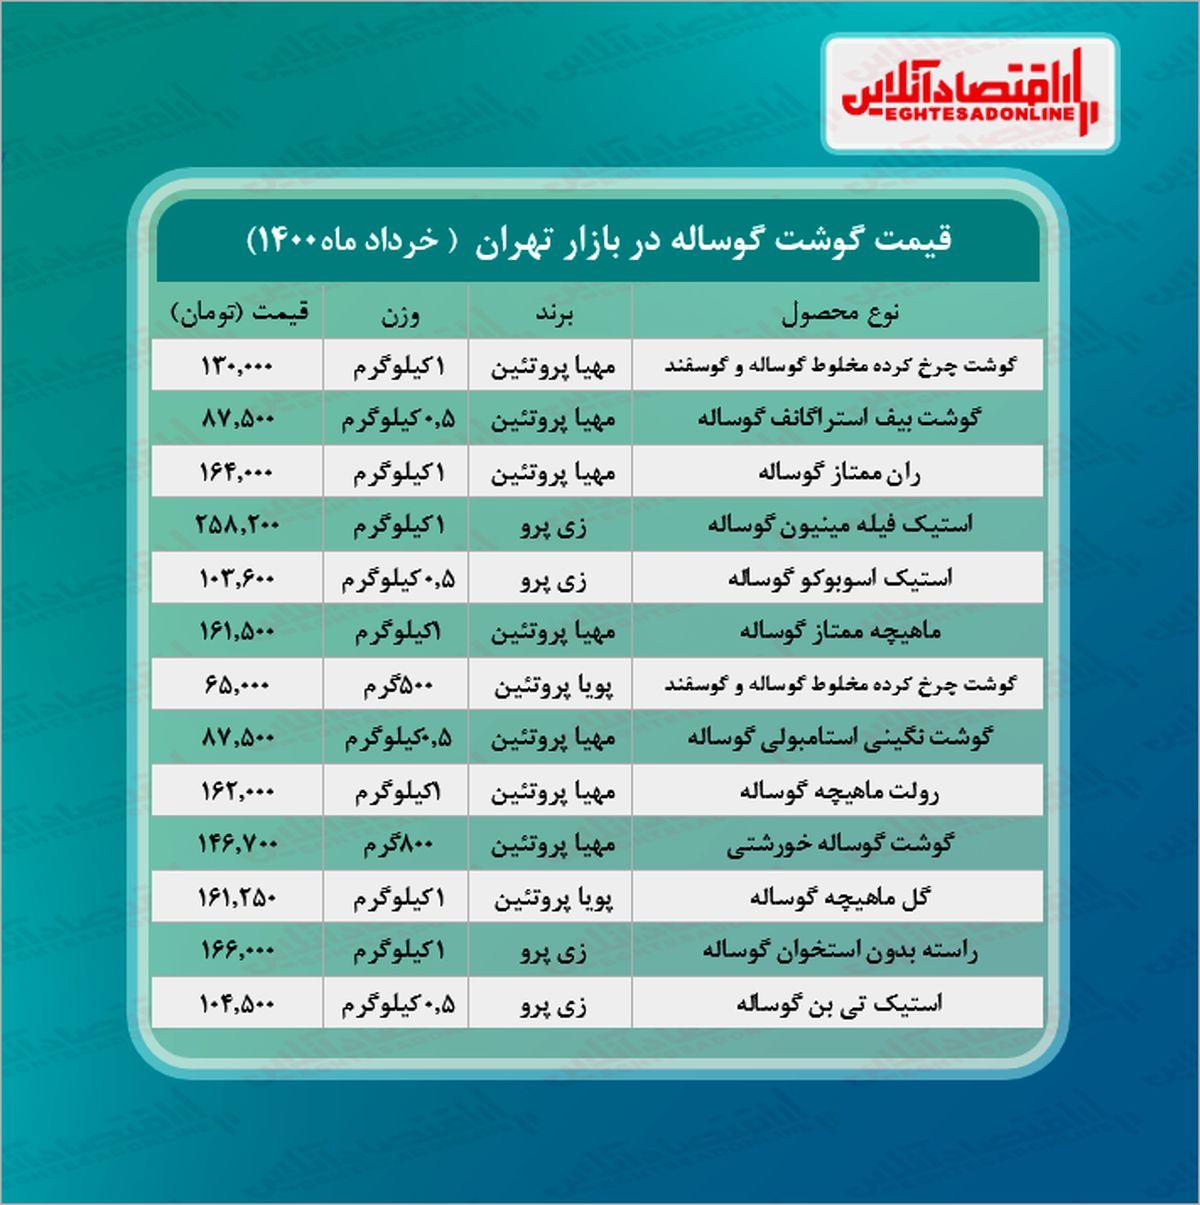 قیمت جدید گوشت گوساله در بازار (خرداد۱۴۰۰) + جدول